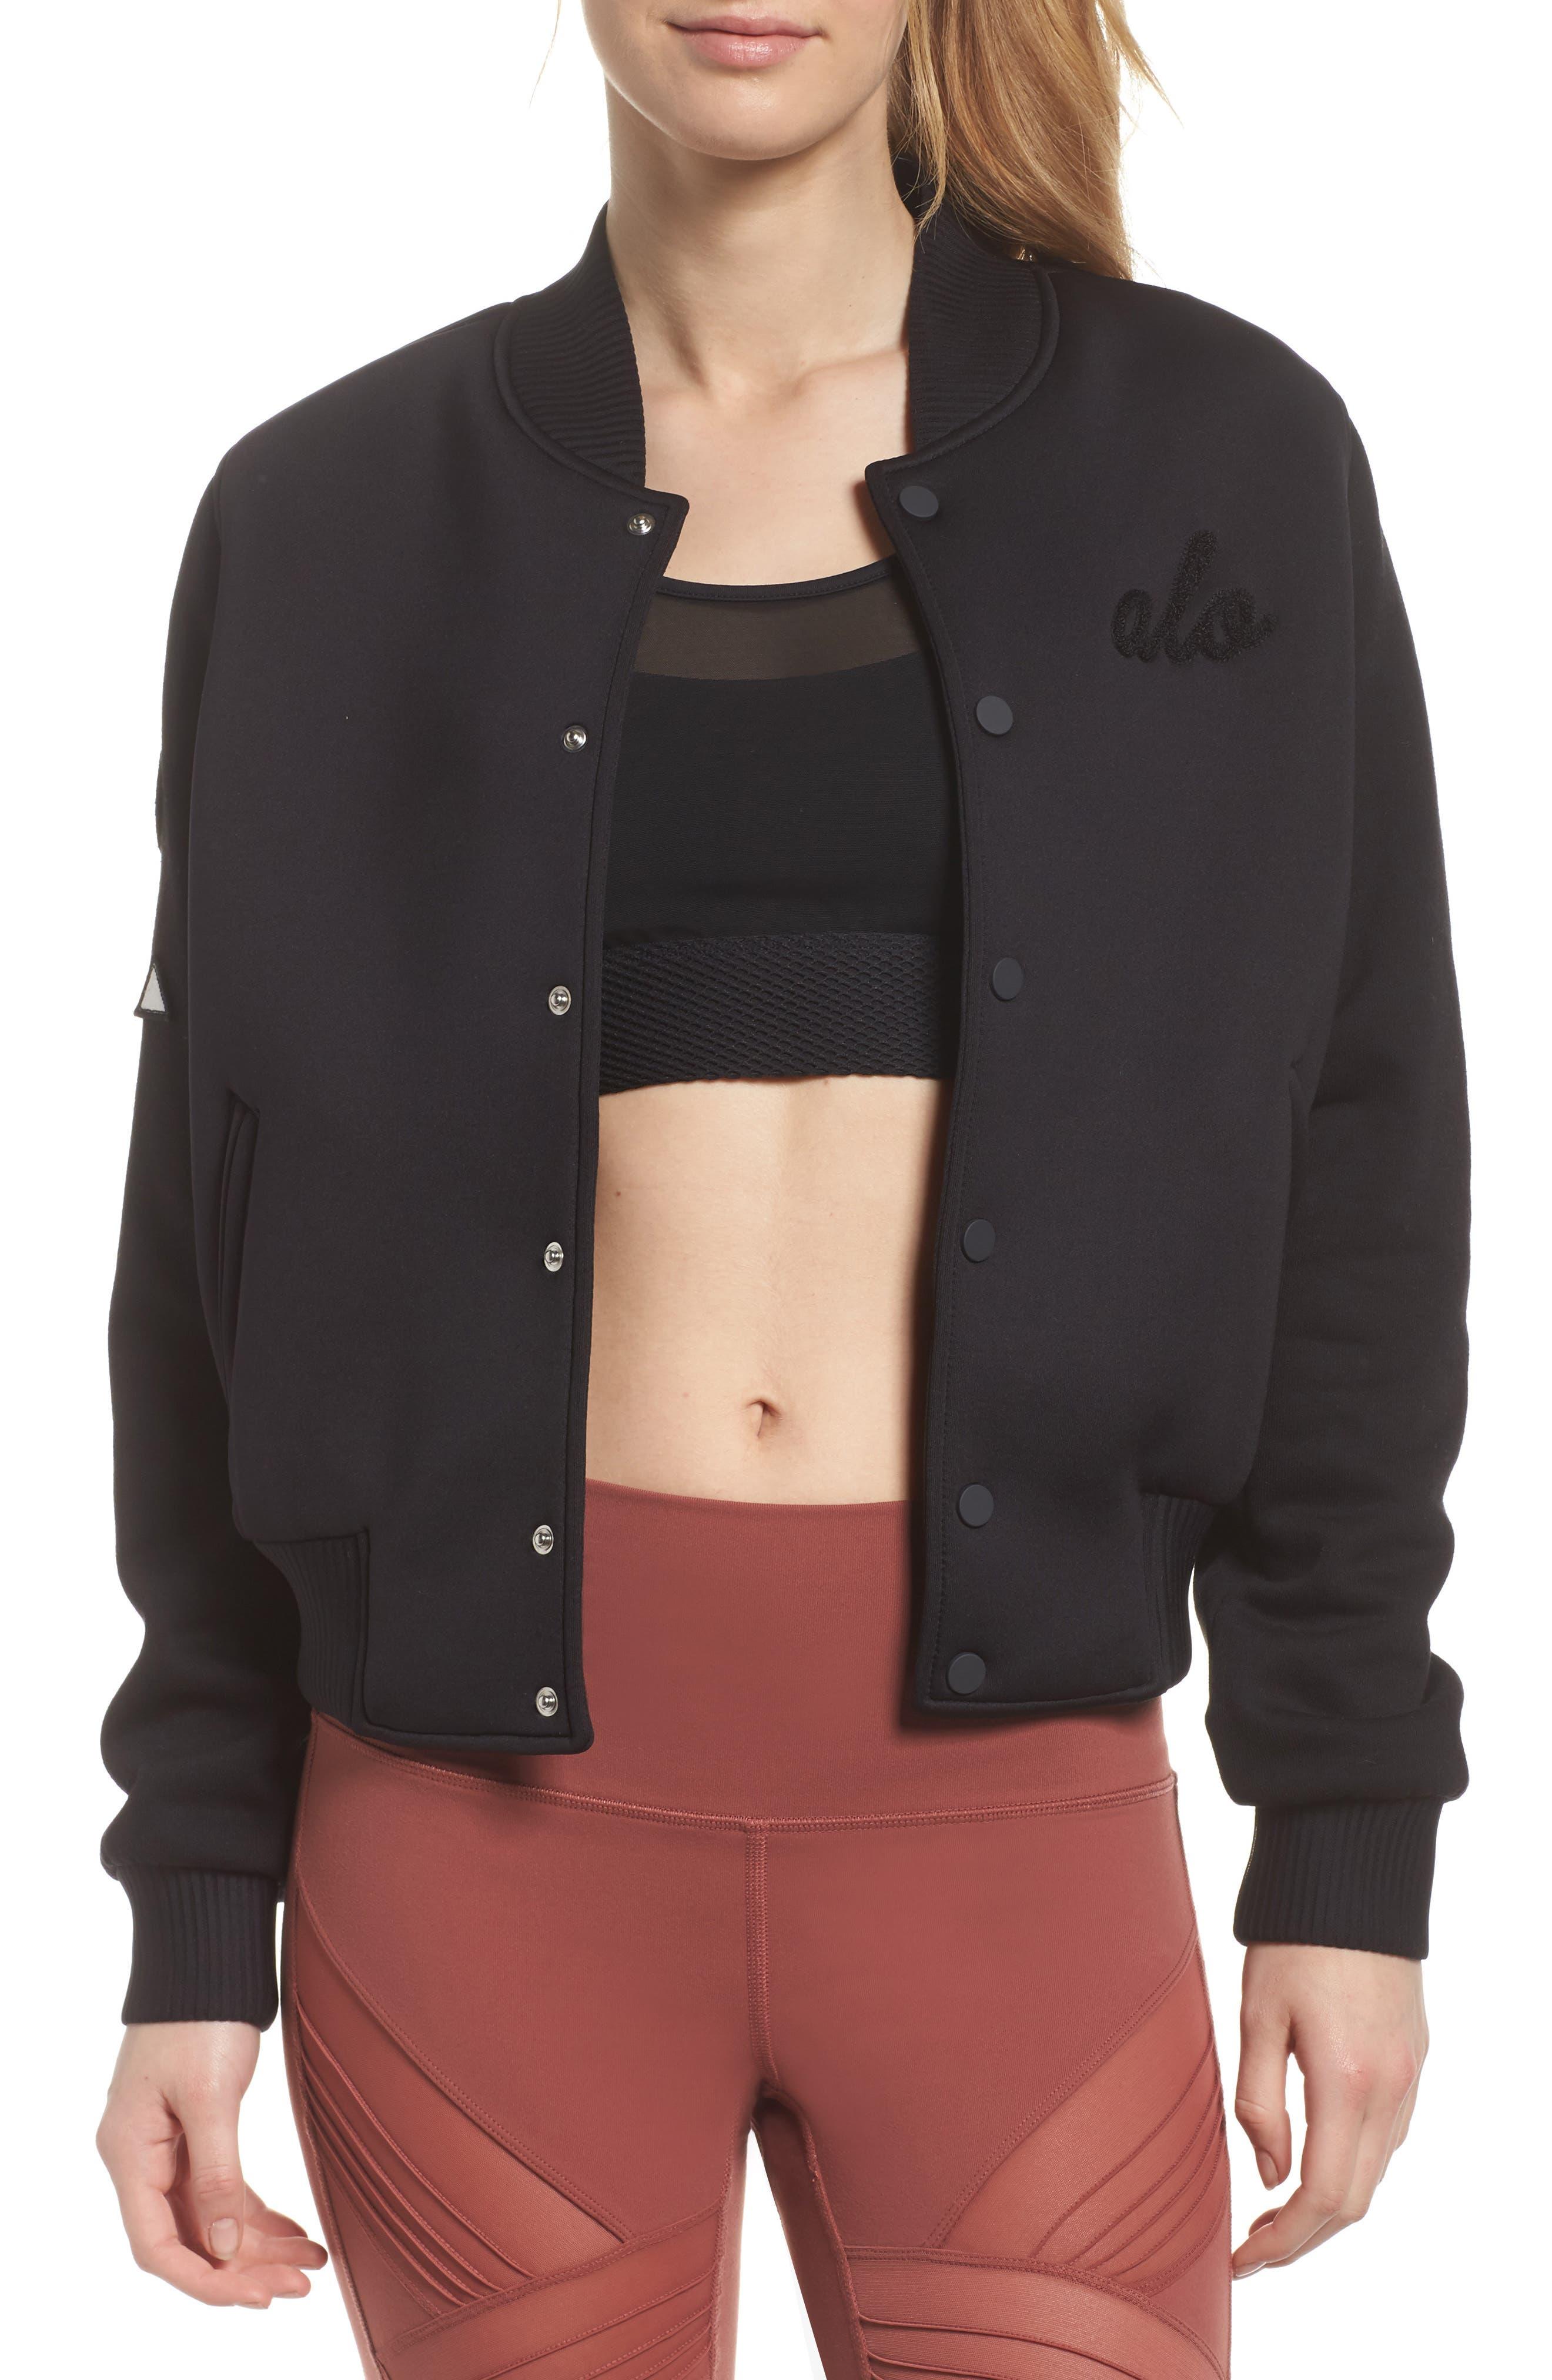 Main Image - Alo League Varsity Jacket